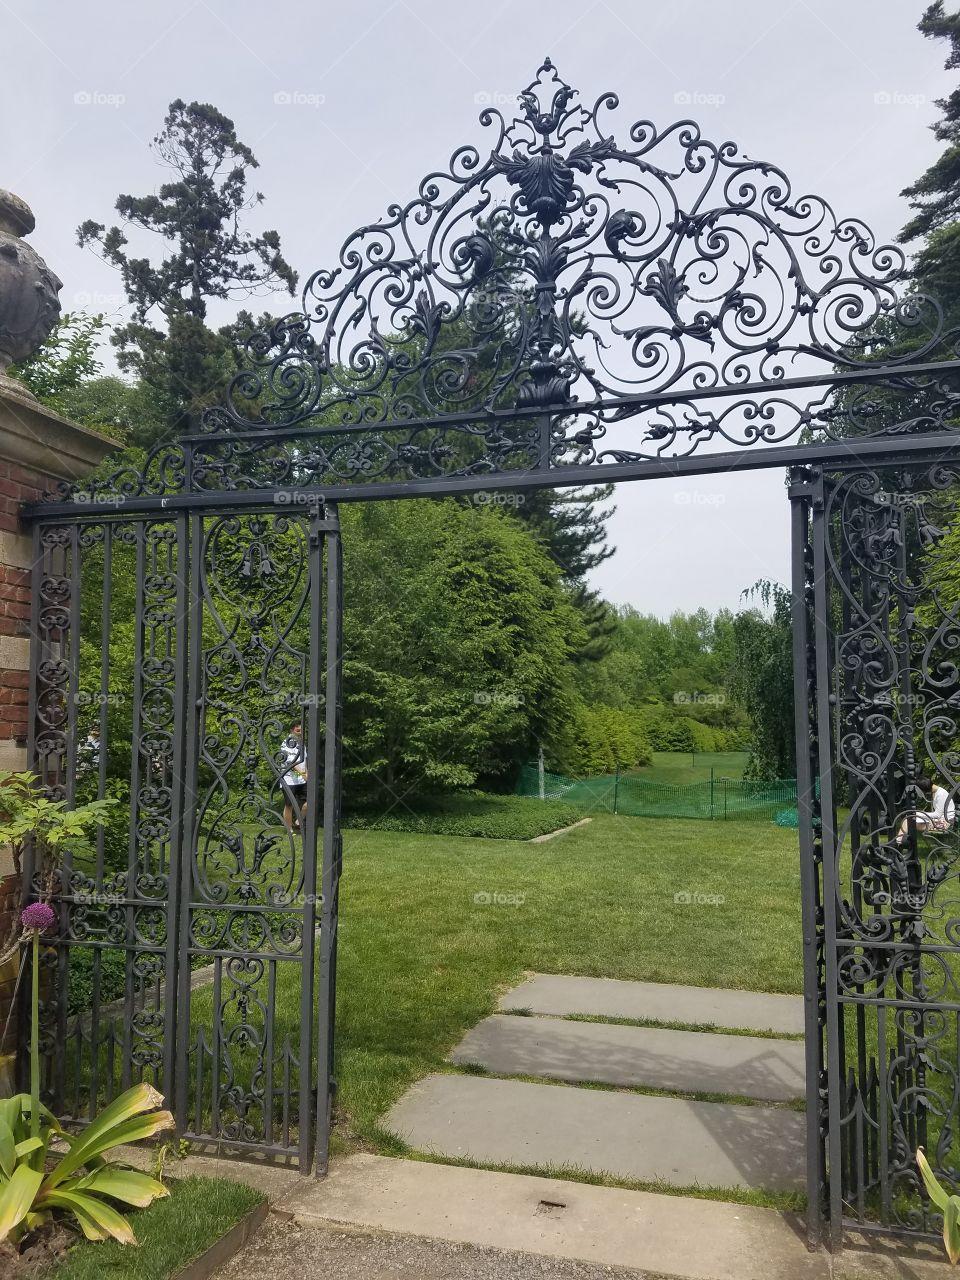 Garden, Gate, Flower, Entrance, Architecture